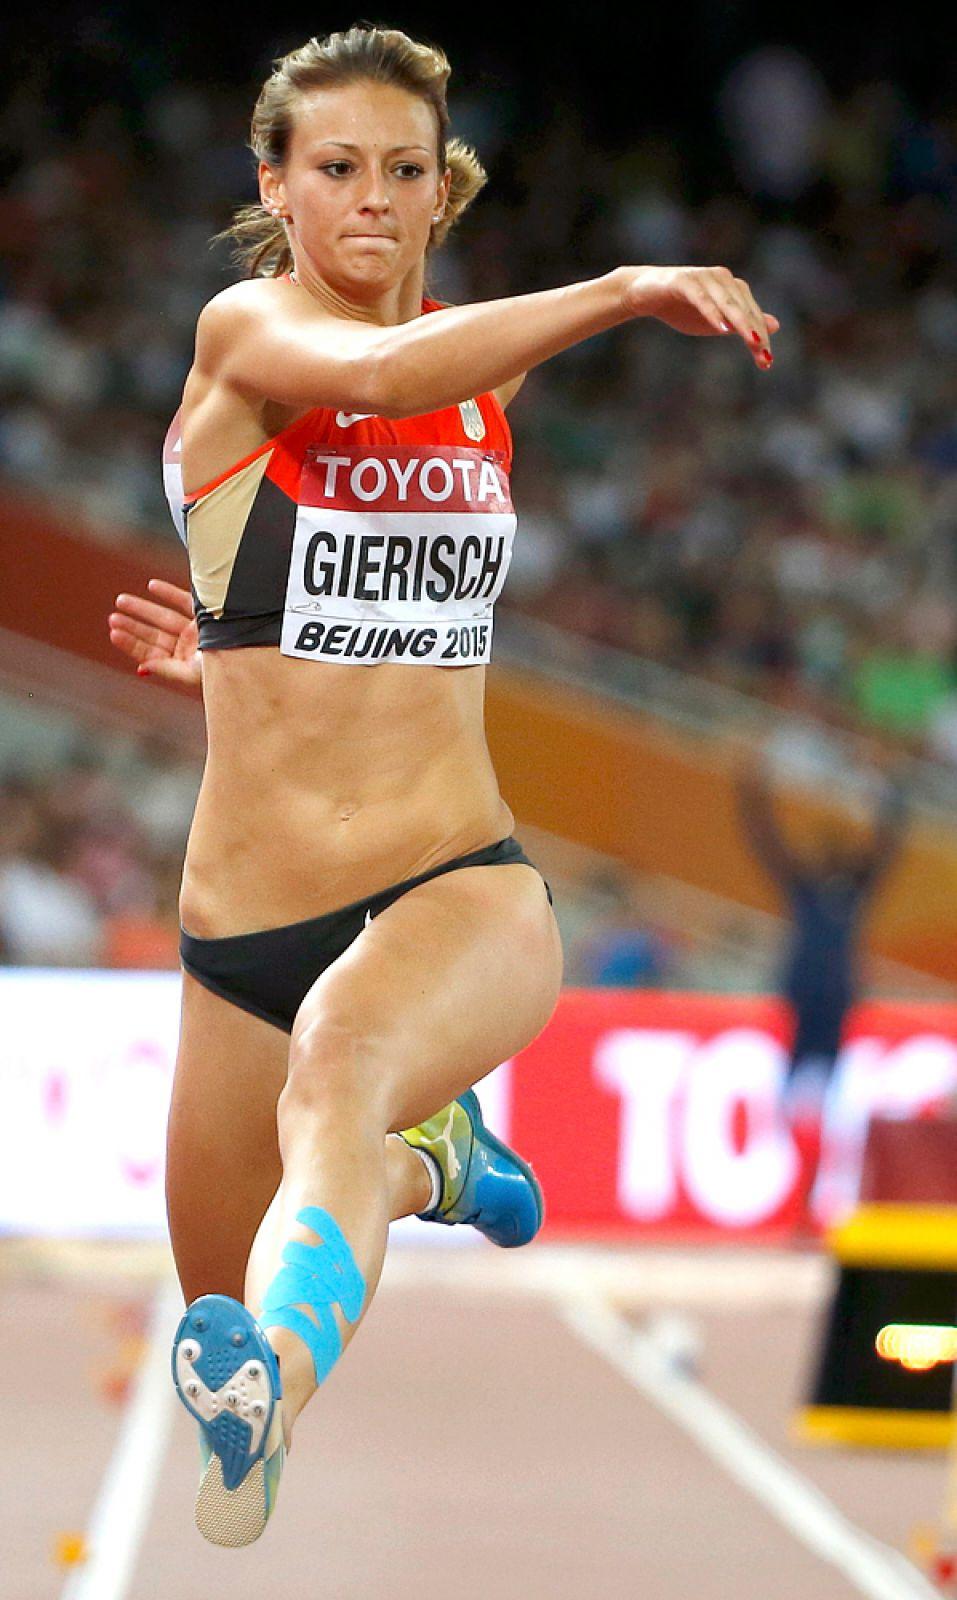 Кристин Гериш из Германии. Тройной прыжок.